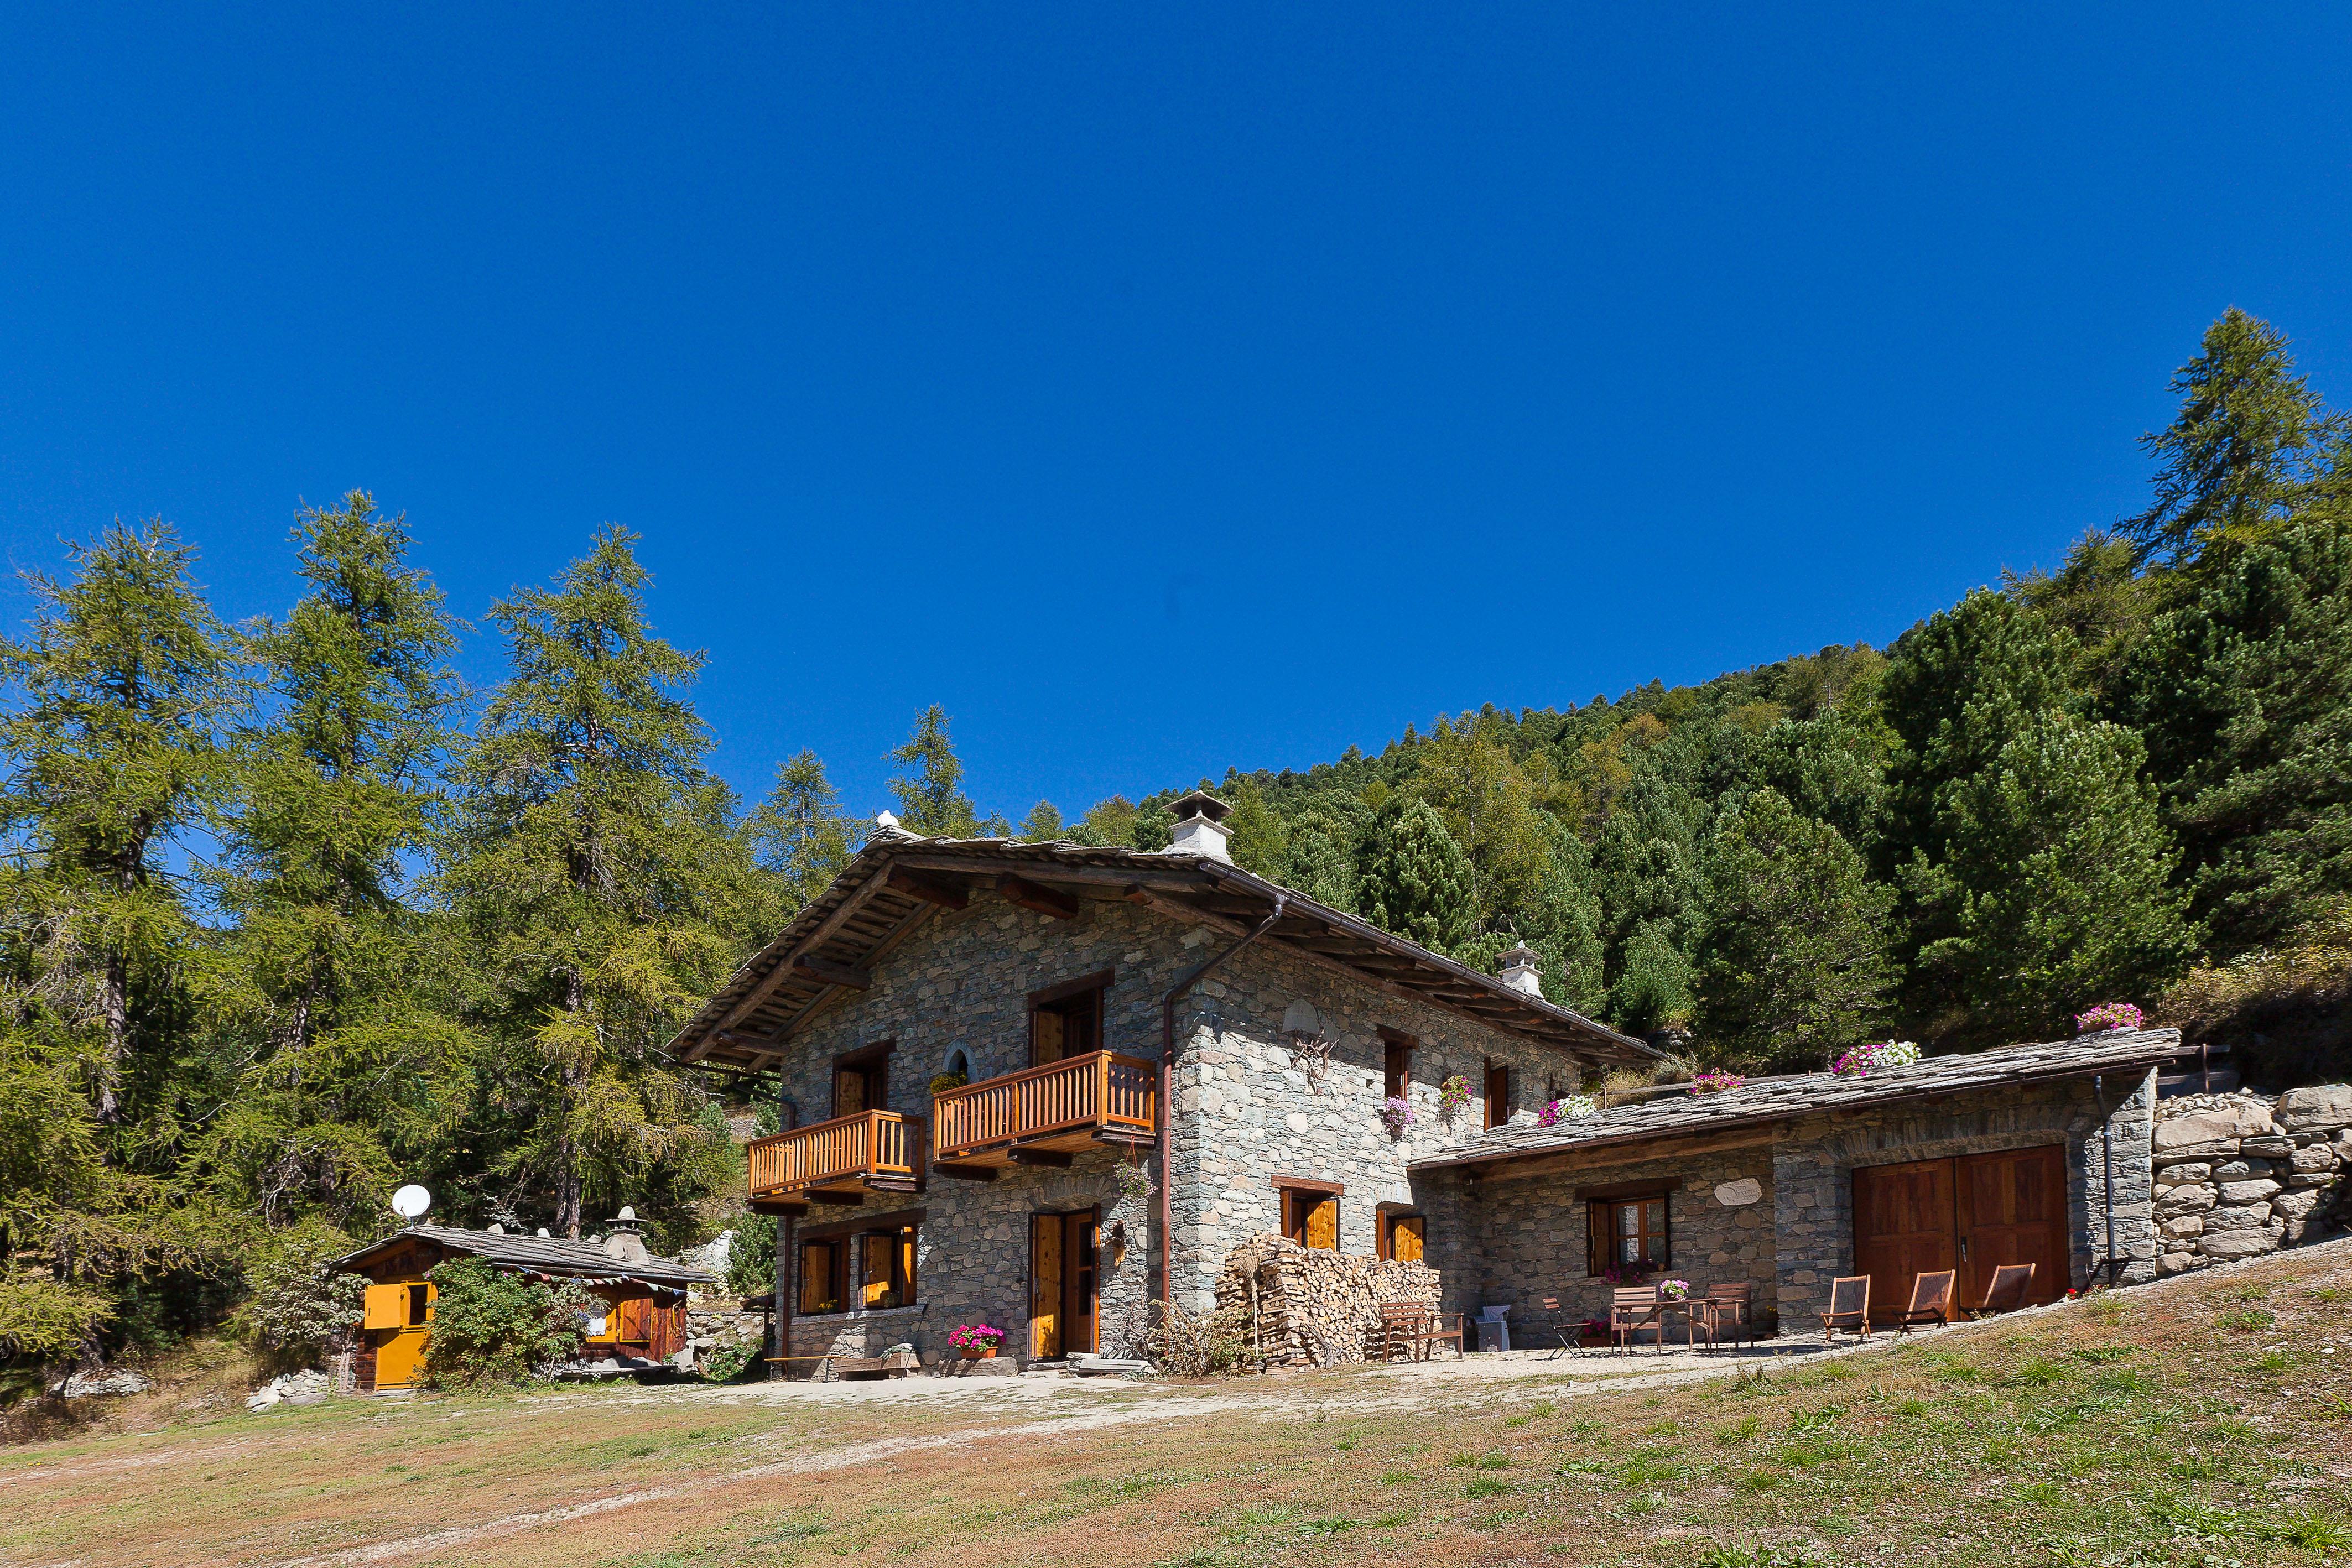 Italie, Valle Varaita, Pontechianale, Castello, refuge Grongio Martre,